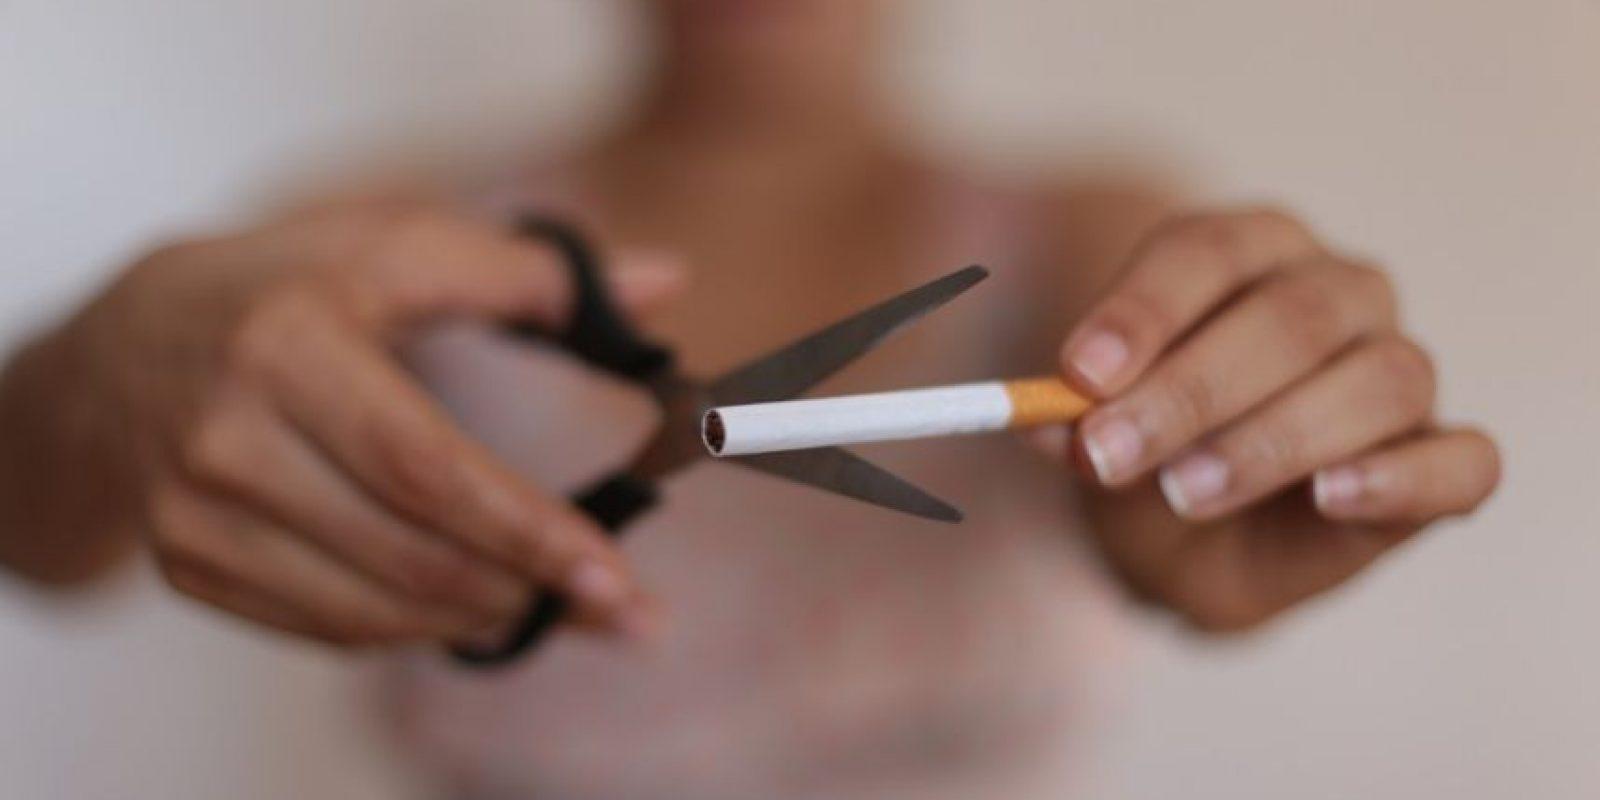 Un acuerdo al que RD no se ha acogido establece estrategias para reducir la demanda del tabaco. Foto:Roberto Guzmán